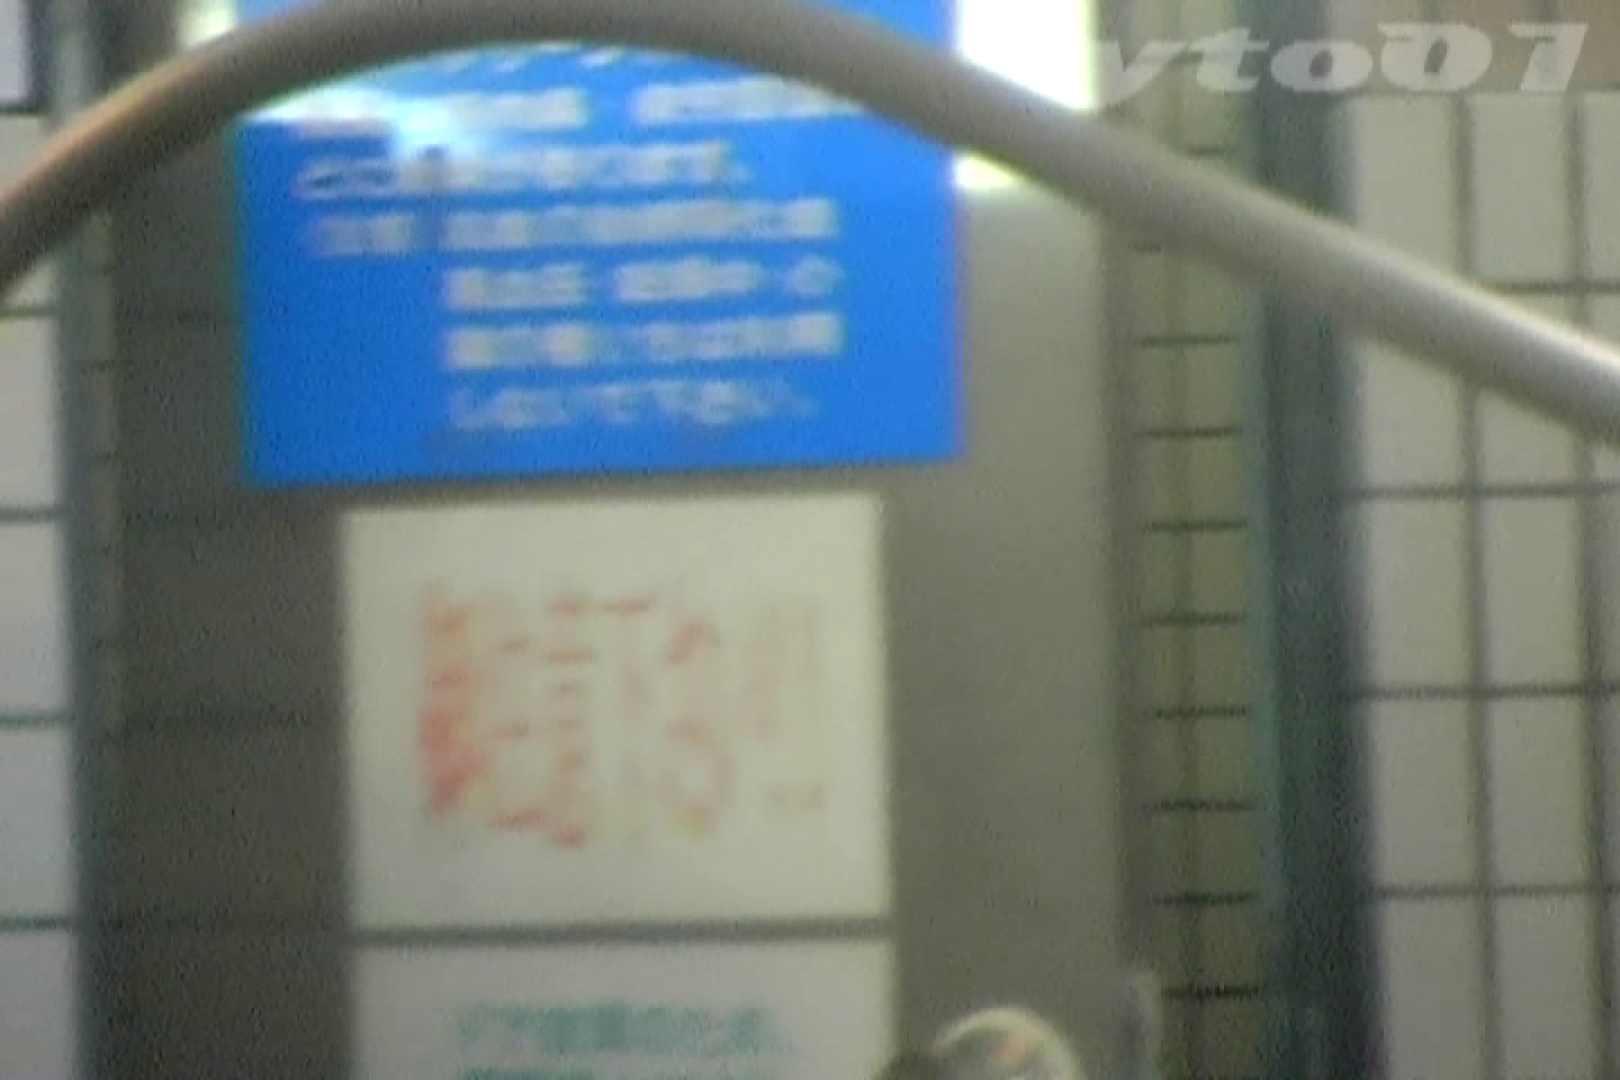 ▲復活限定▲合宿ホテル女風呂盗撮 Vol.05 入浴中 オマンコ無修正動画無料 87画像 79